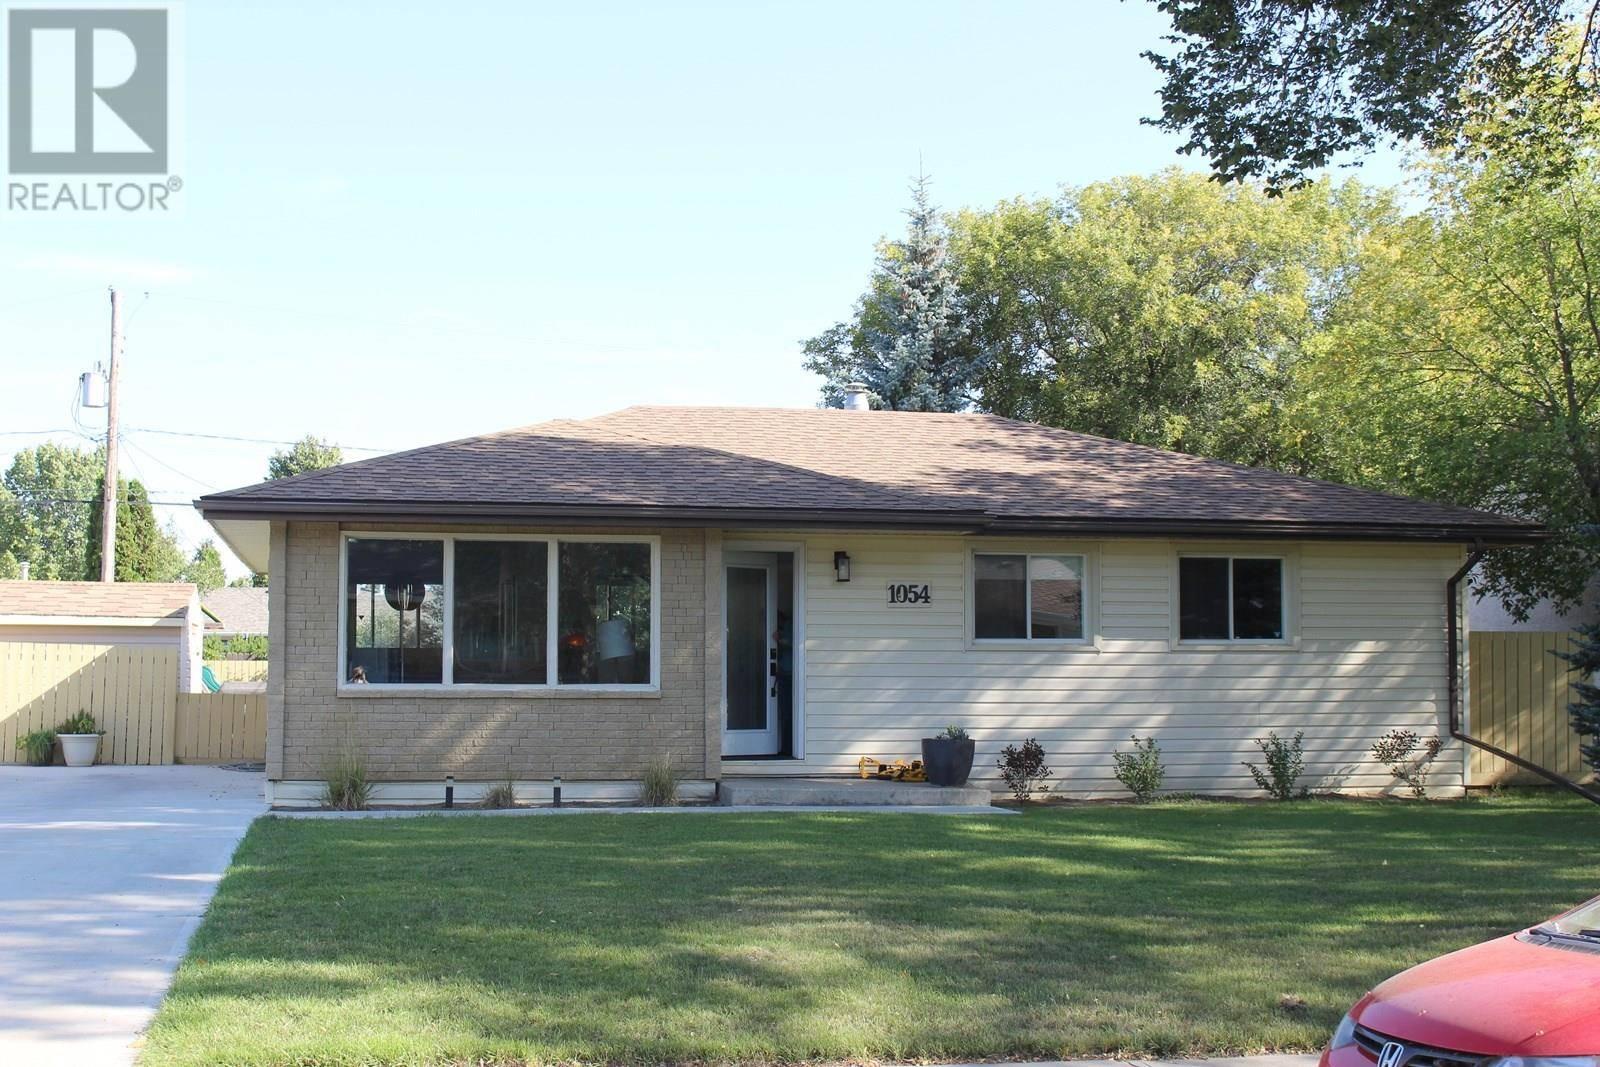 House for sale at 1054 James St Moose Jaw Saskatchewan - MLS: SK784550